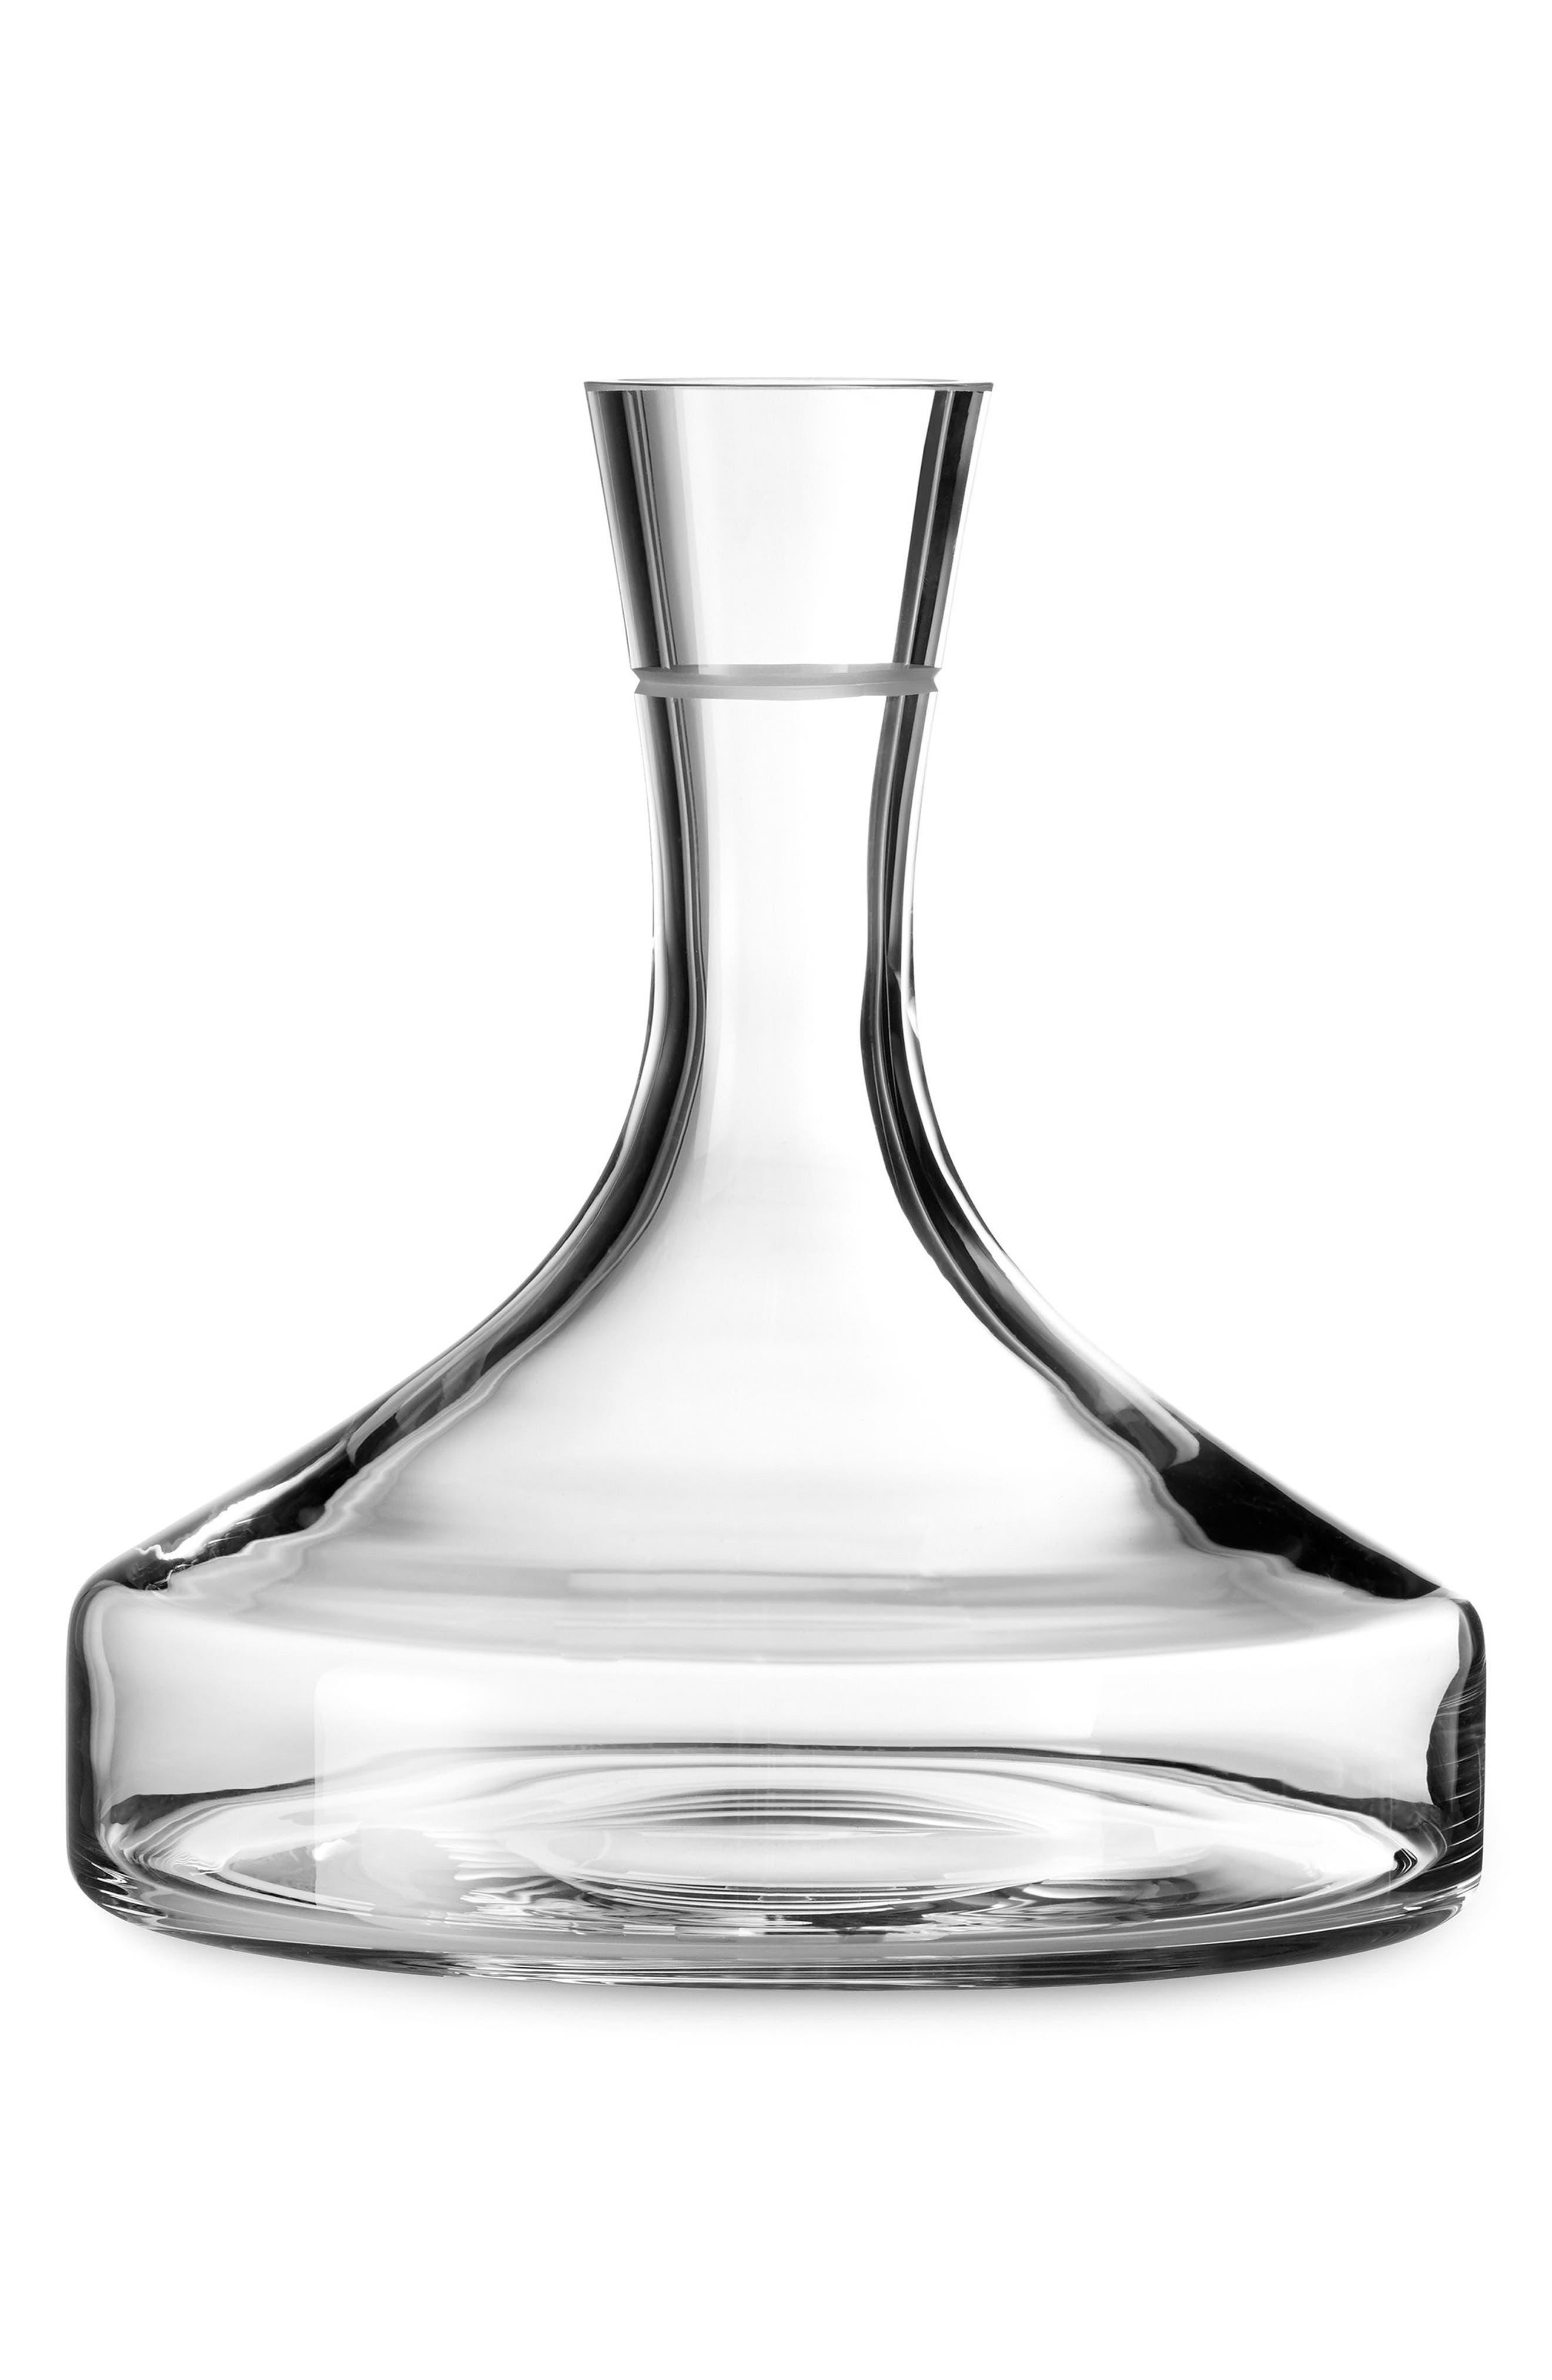 Main Image - Vera Wang x Wedgwood Bande Crystal Wine Carafe